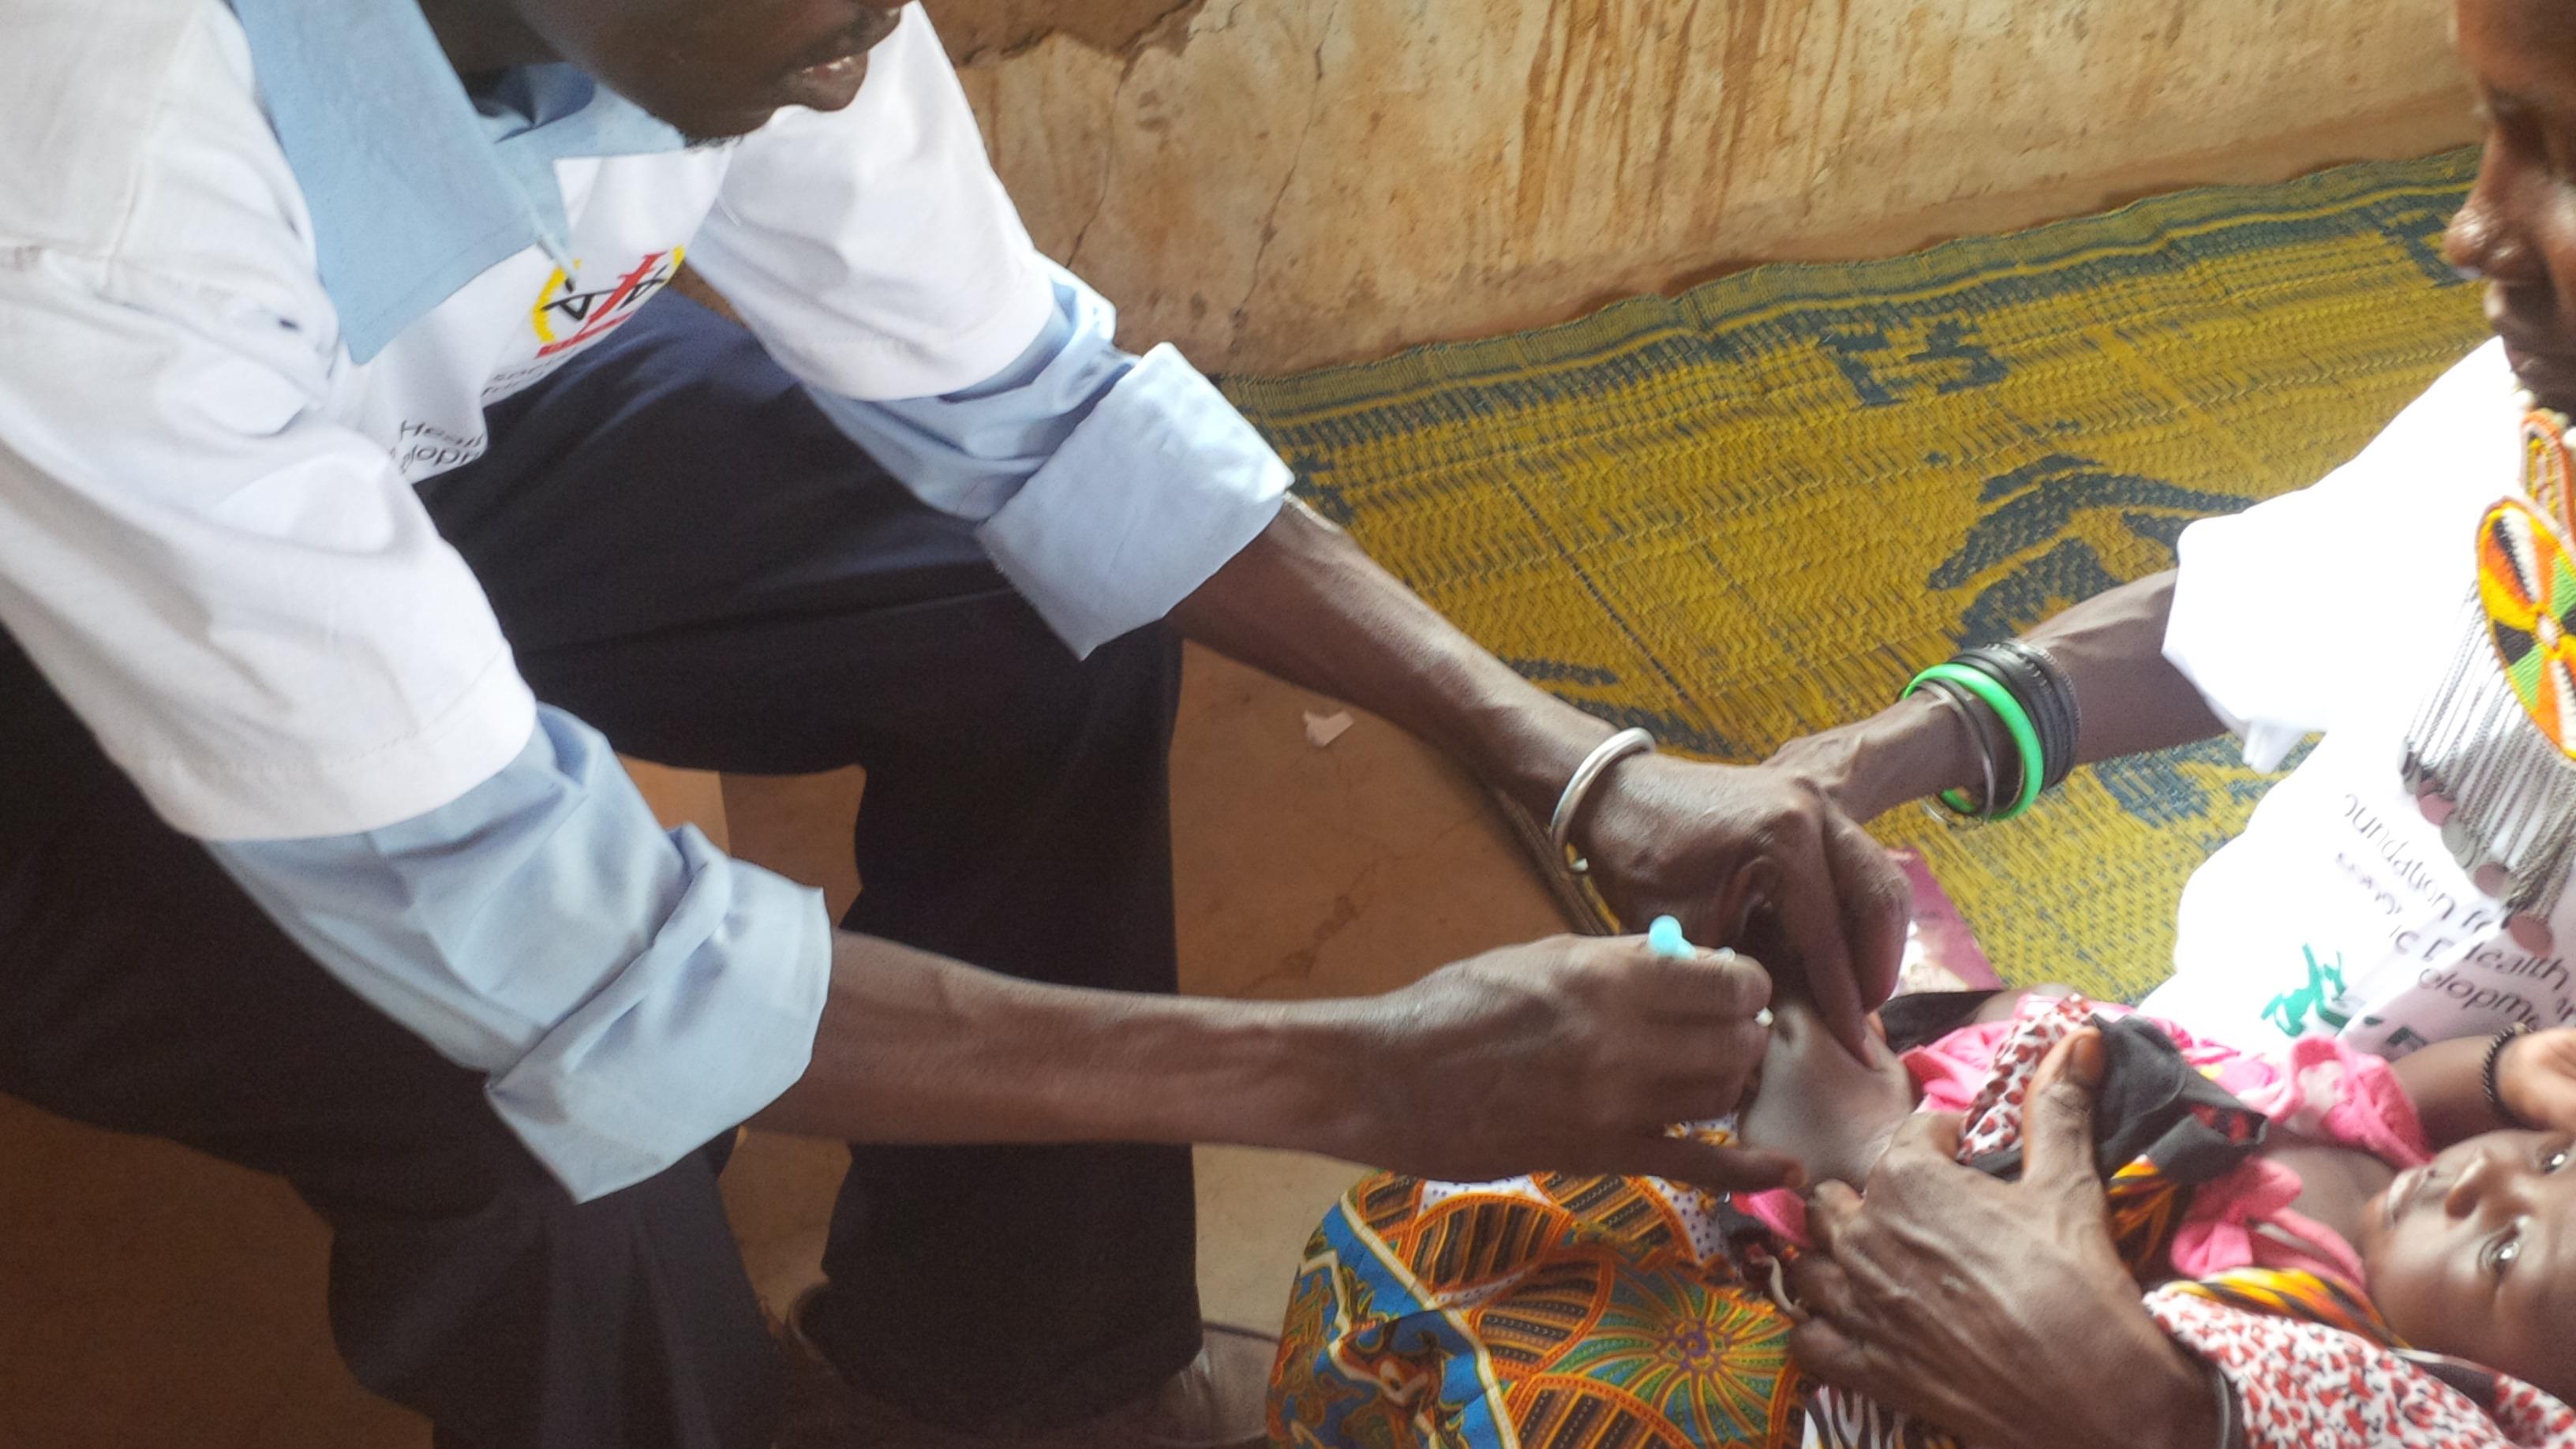 Atención sanitaria Kakuma